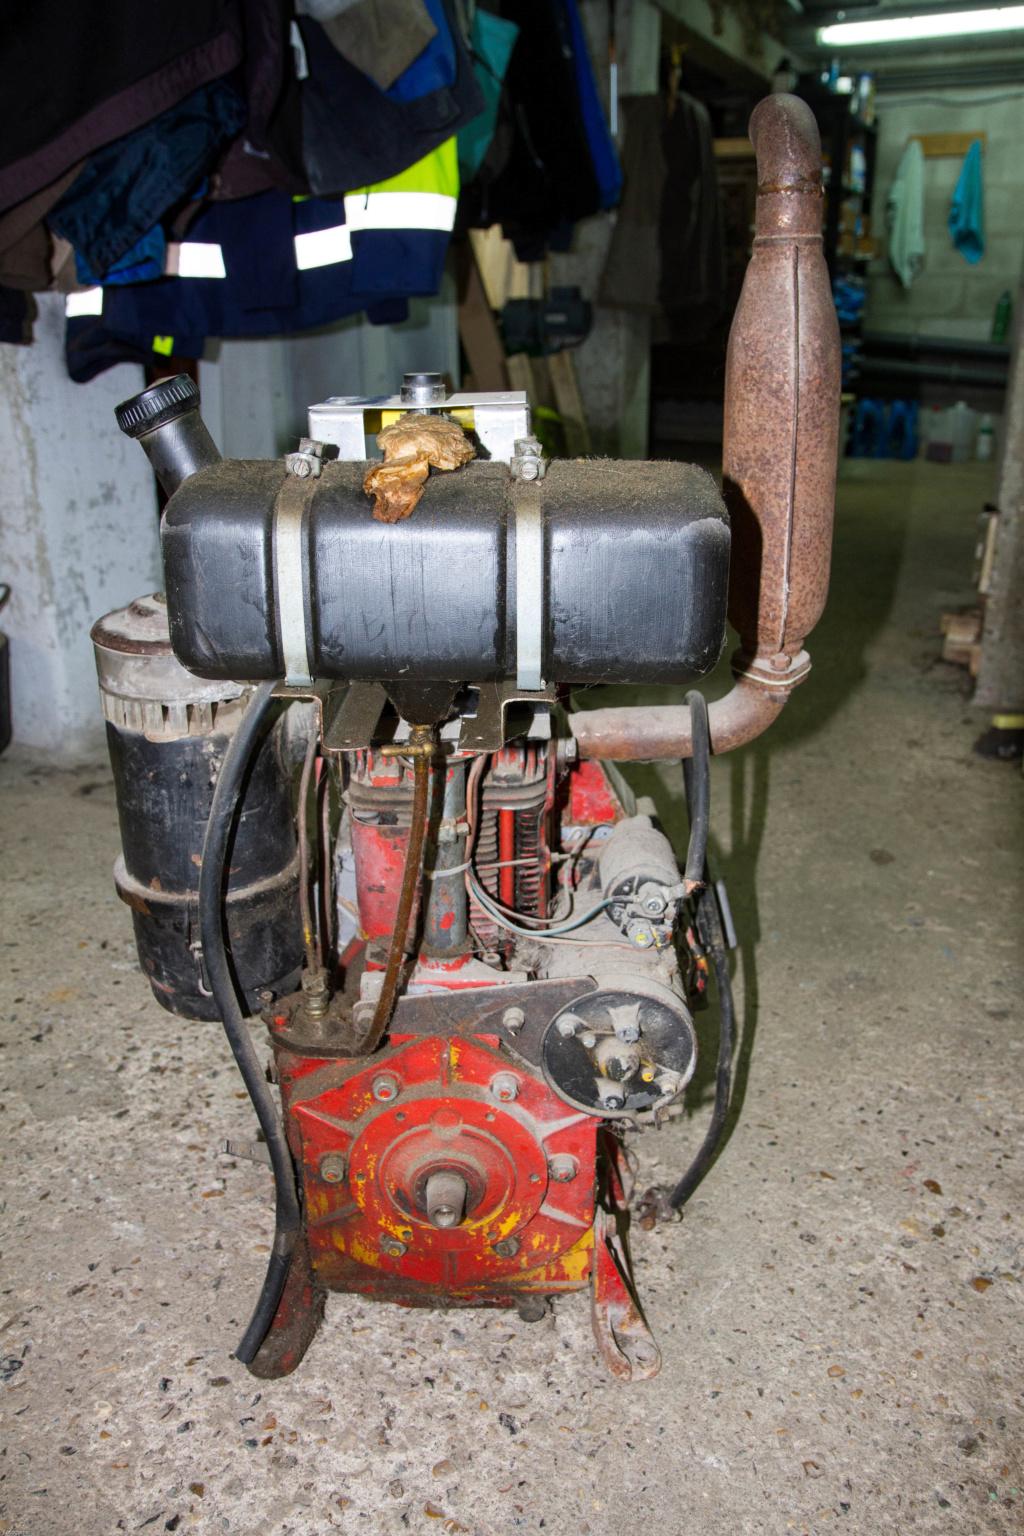 ( Vends) : PPXS8 , PP2x , moteurs bernard et autres ... Img_9141